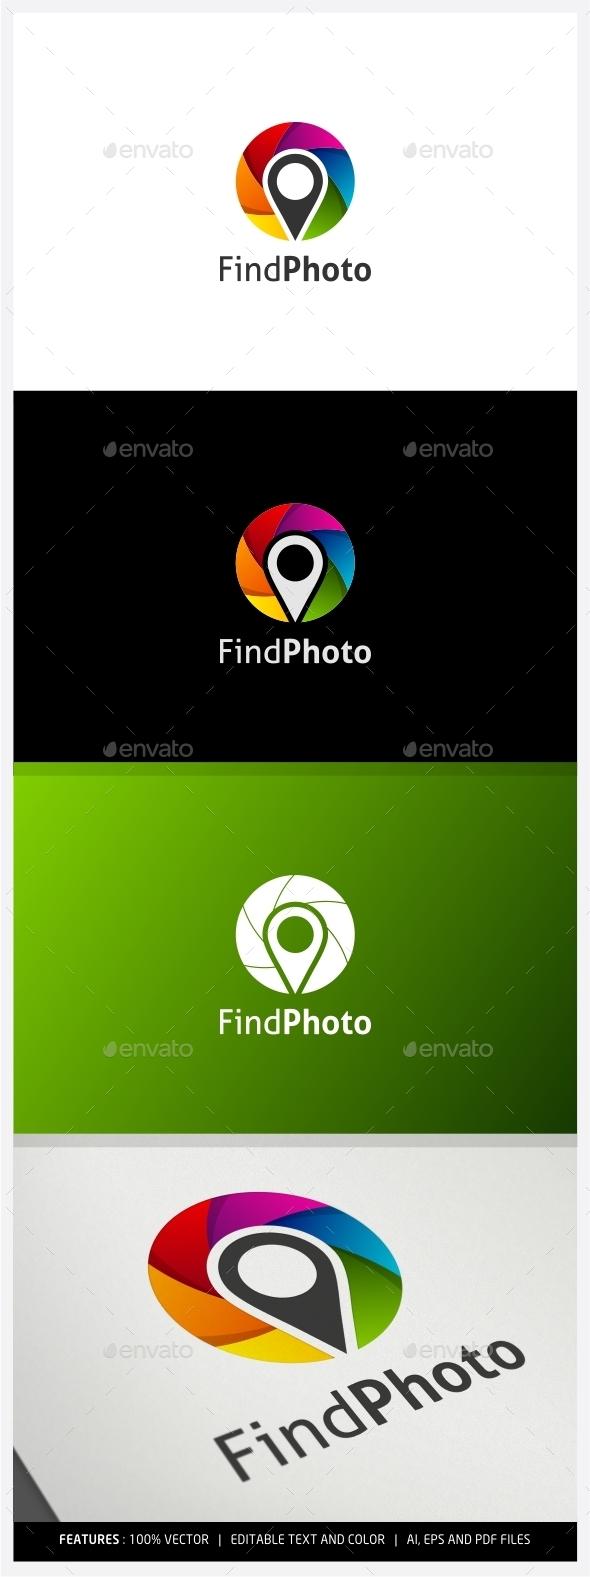 GraphicRiver Find Photo Logo 10027783